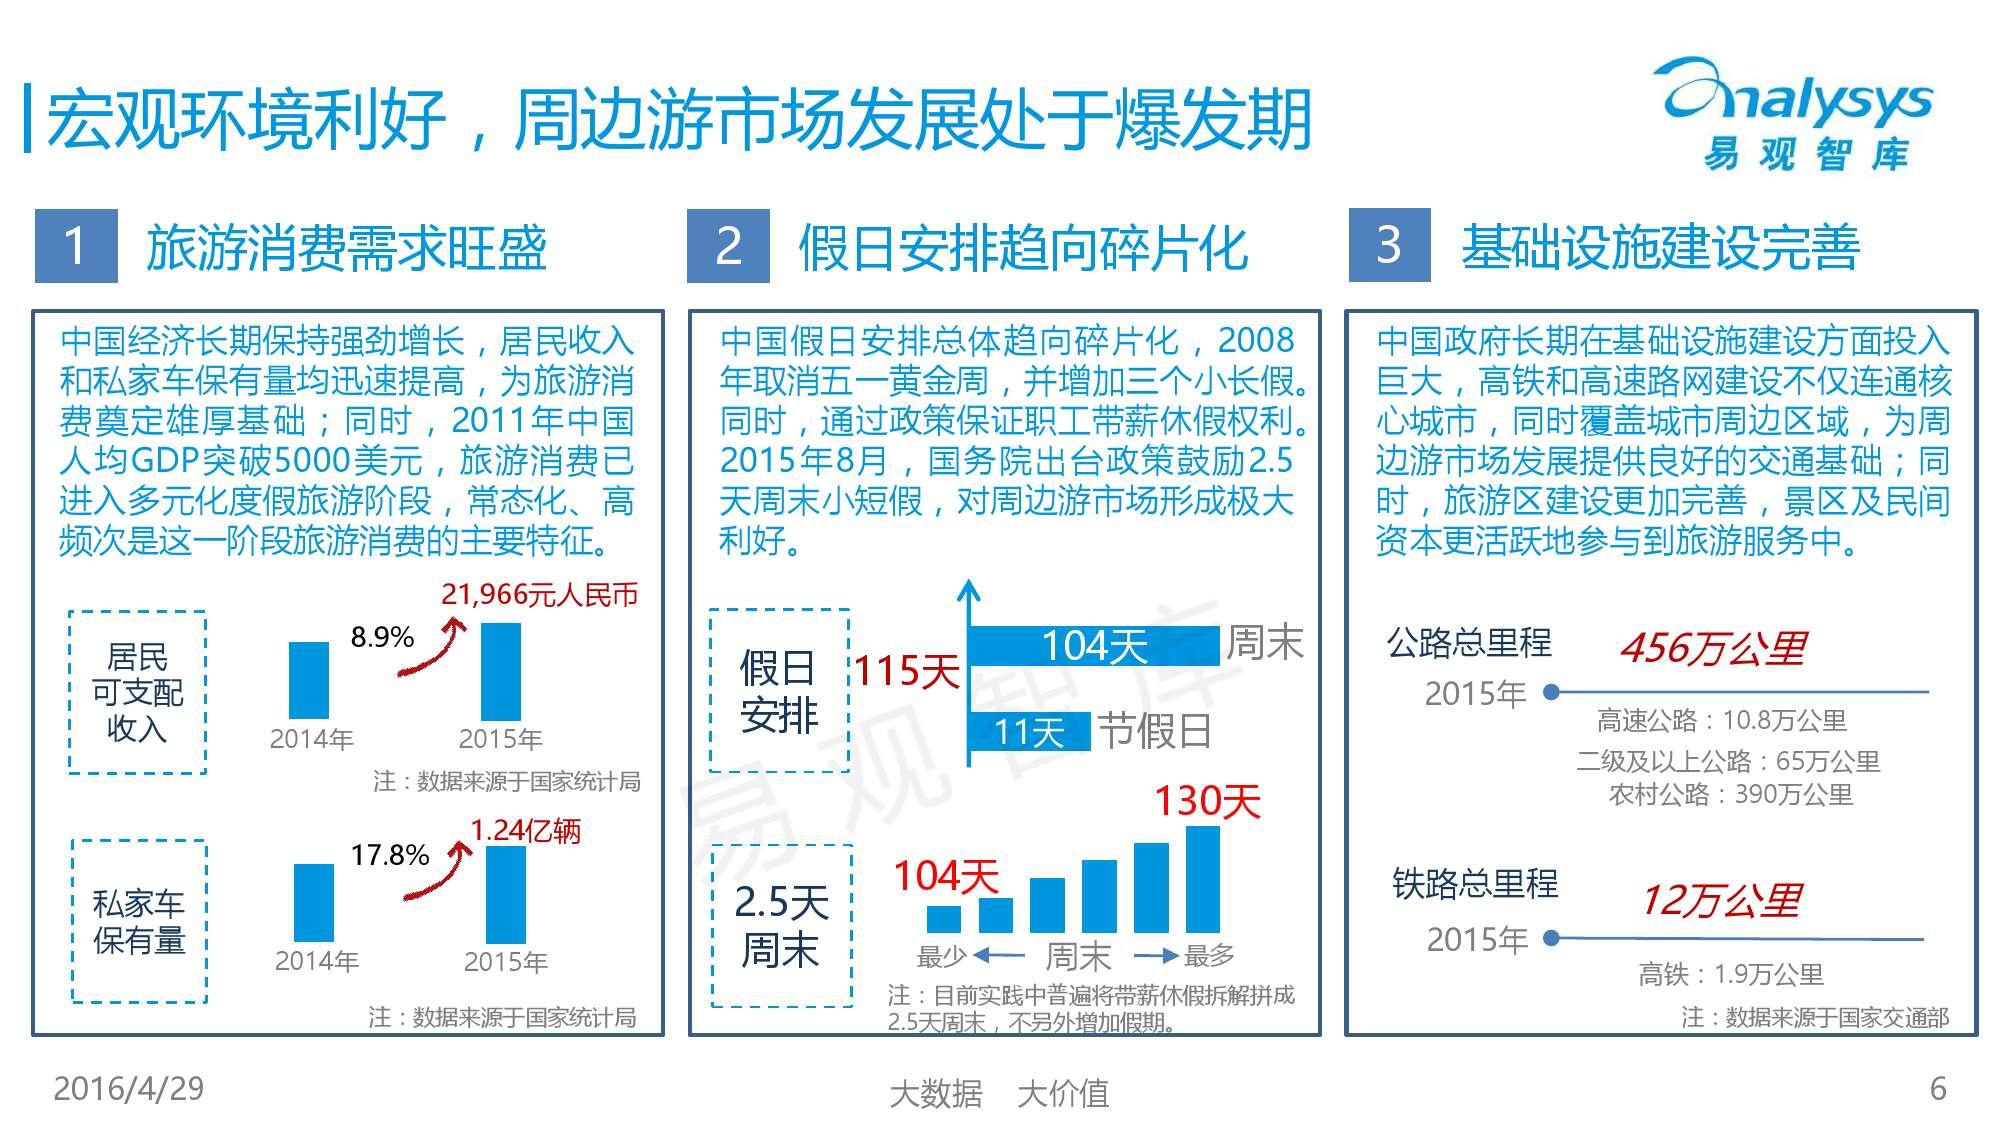 中国在线周边自助游市场专题研究报告2016_000006